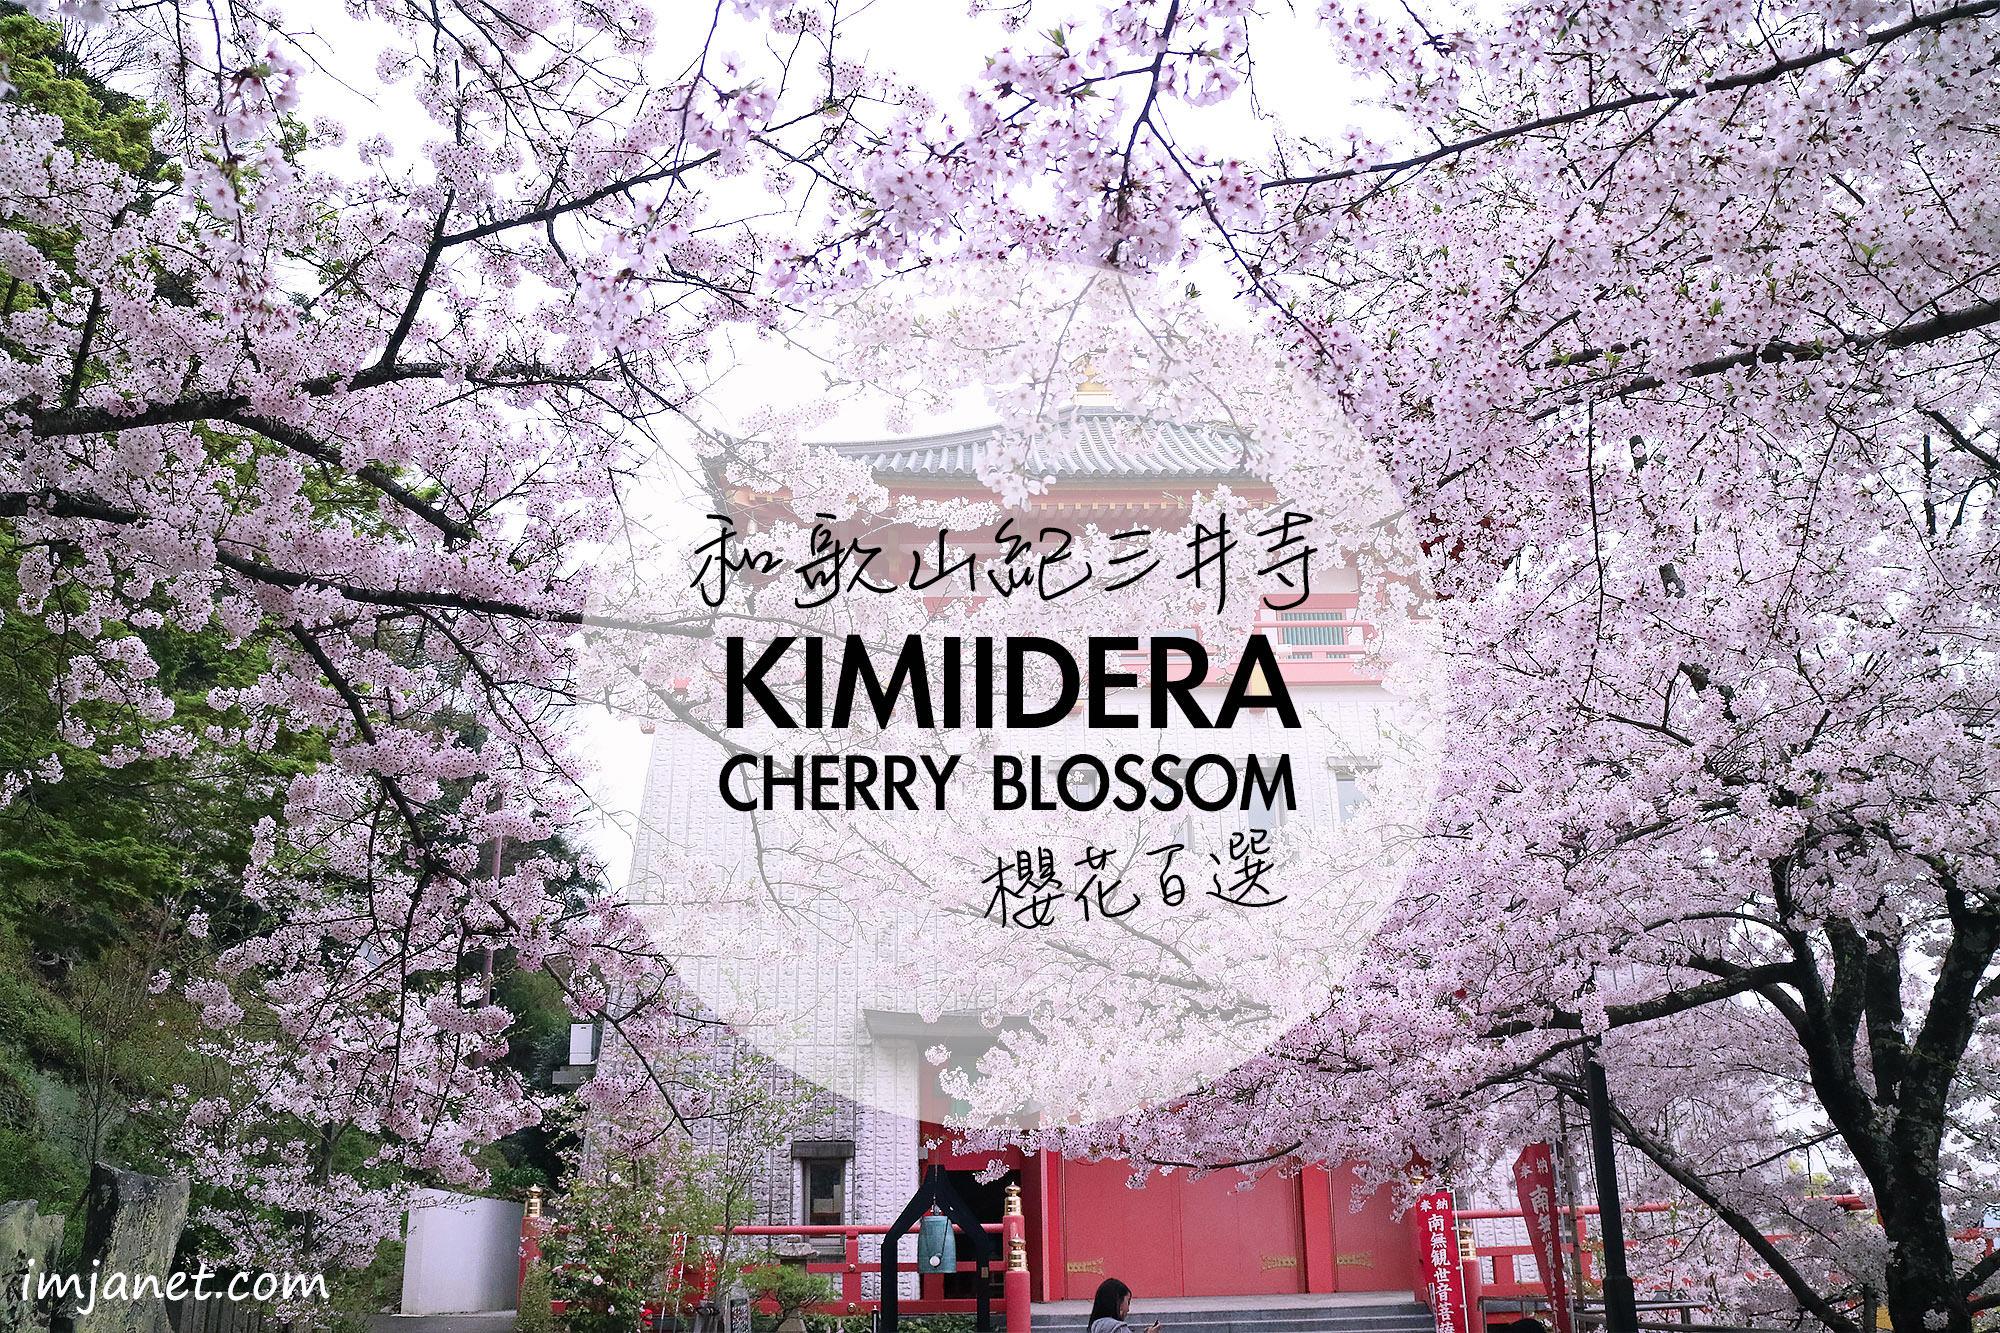 日本|和歌山賞櫻推薦景點!日本櫻花百選名所,愛上紀三井寺的古樸幽靜